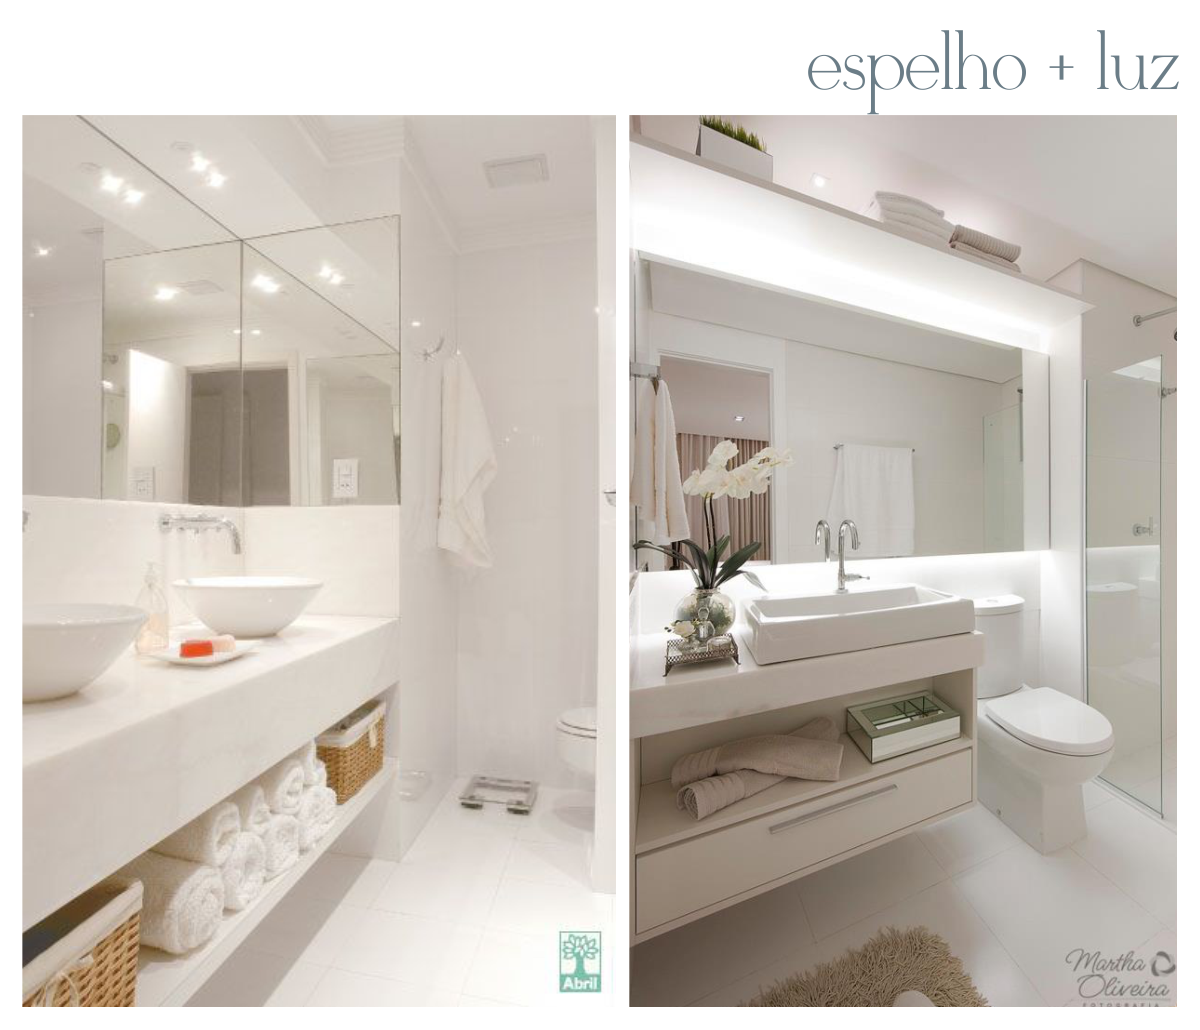 The Blue Post: 5 ideias para dar graça ao banheiro branco #975734 1200x1030 Banheiro Antigo O Que Fazer